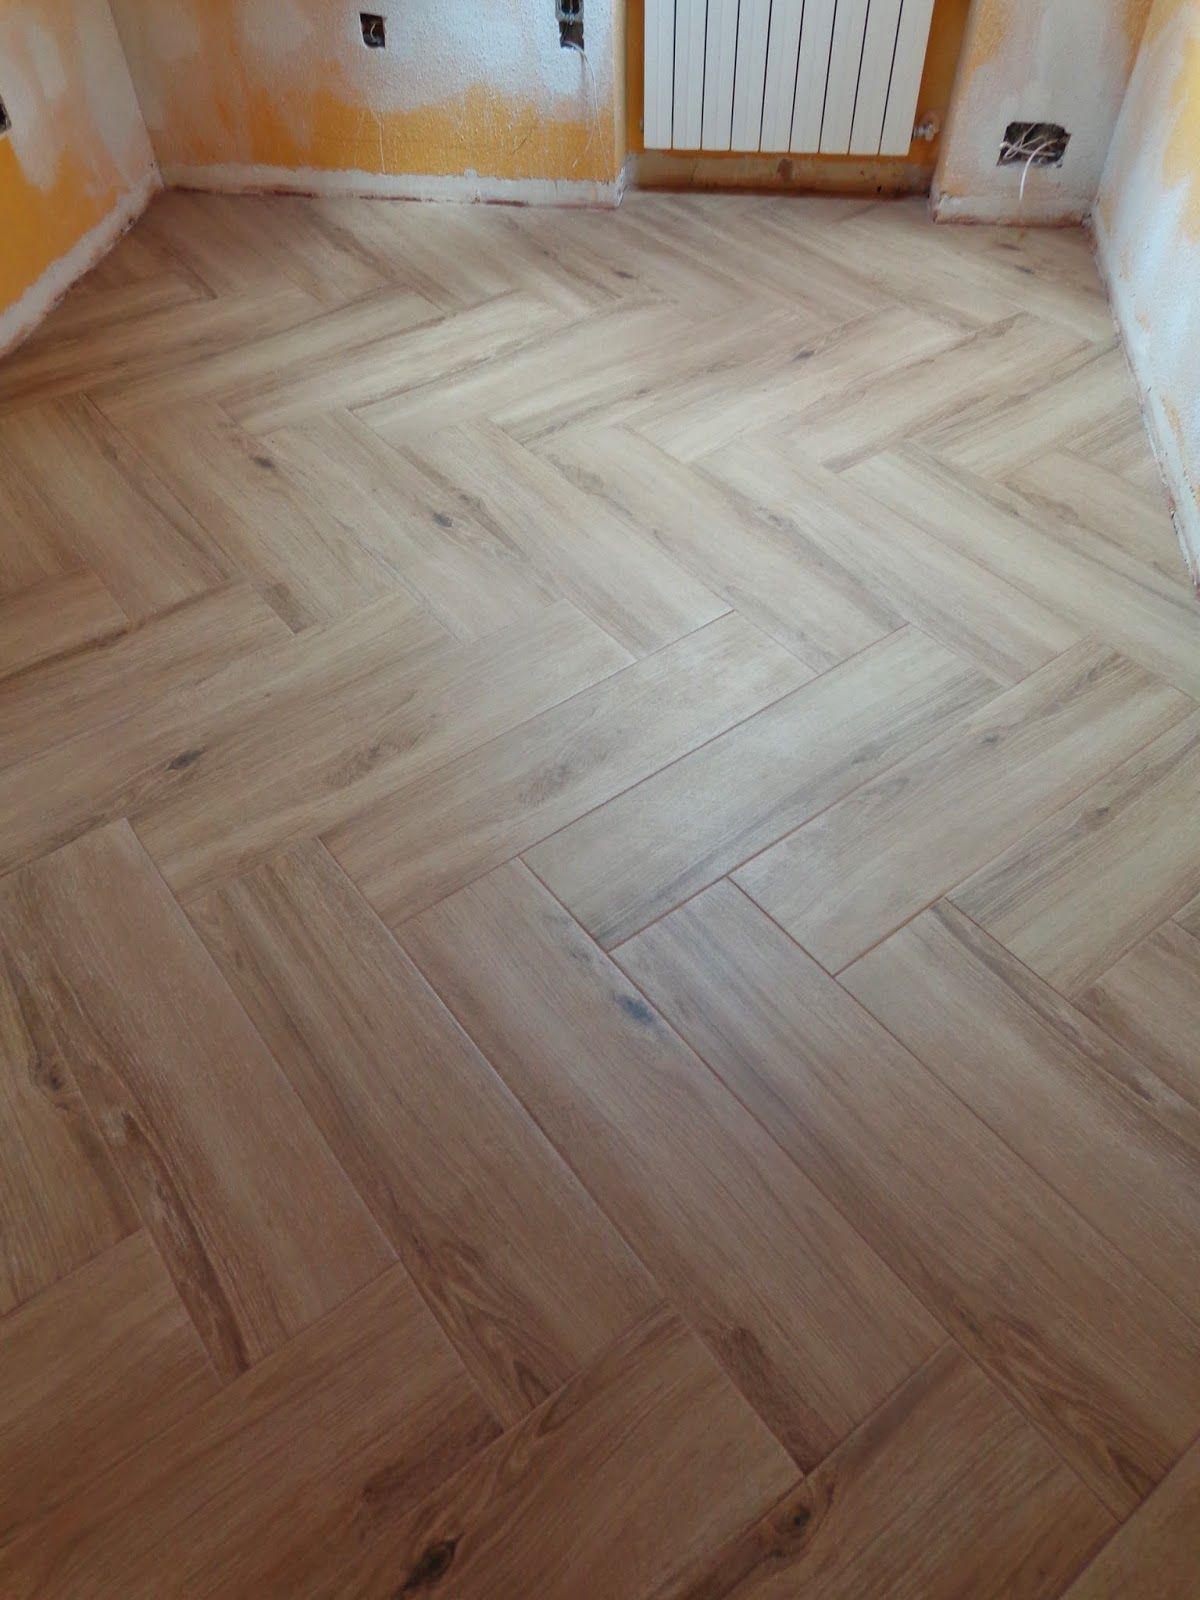 Suelo plastico imitacion madera de suelo de gres - Suelo pvc imitacion madera ...